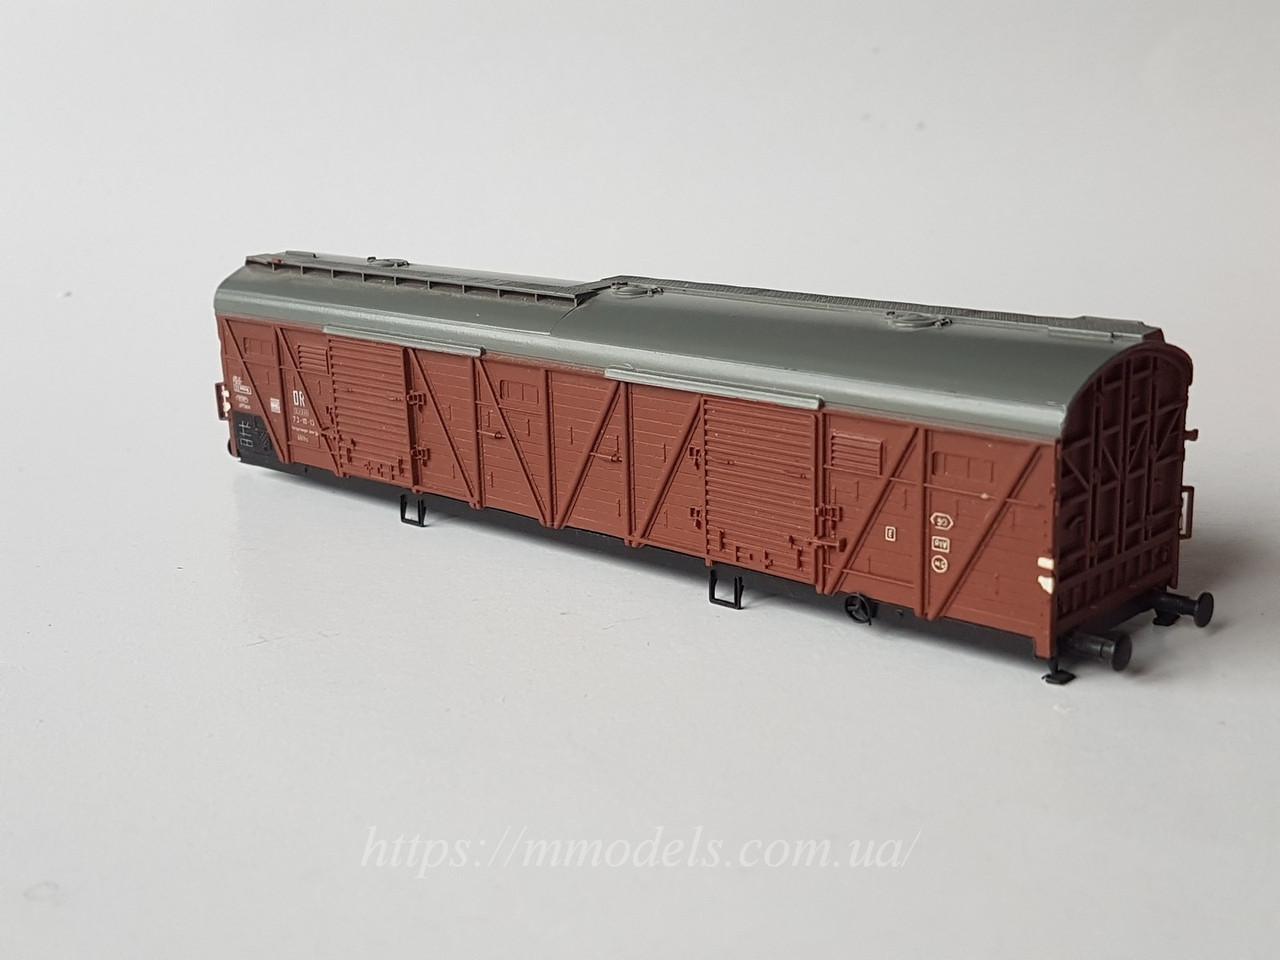 Запасная часть к моделям Пико - модель кузова крытого вагона № 731013, DR, масштаба H0, 1:87